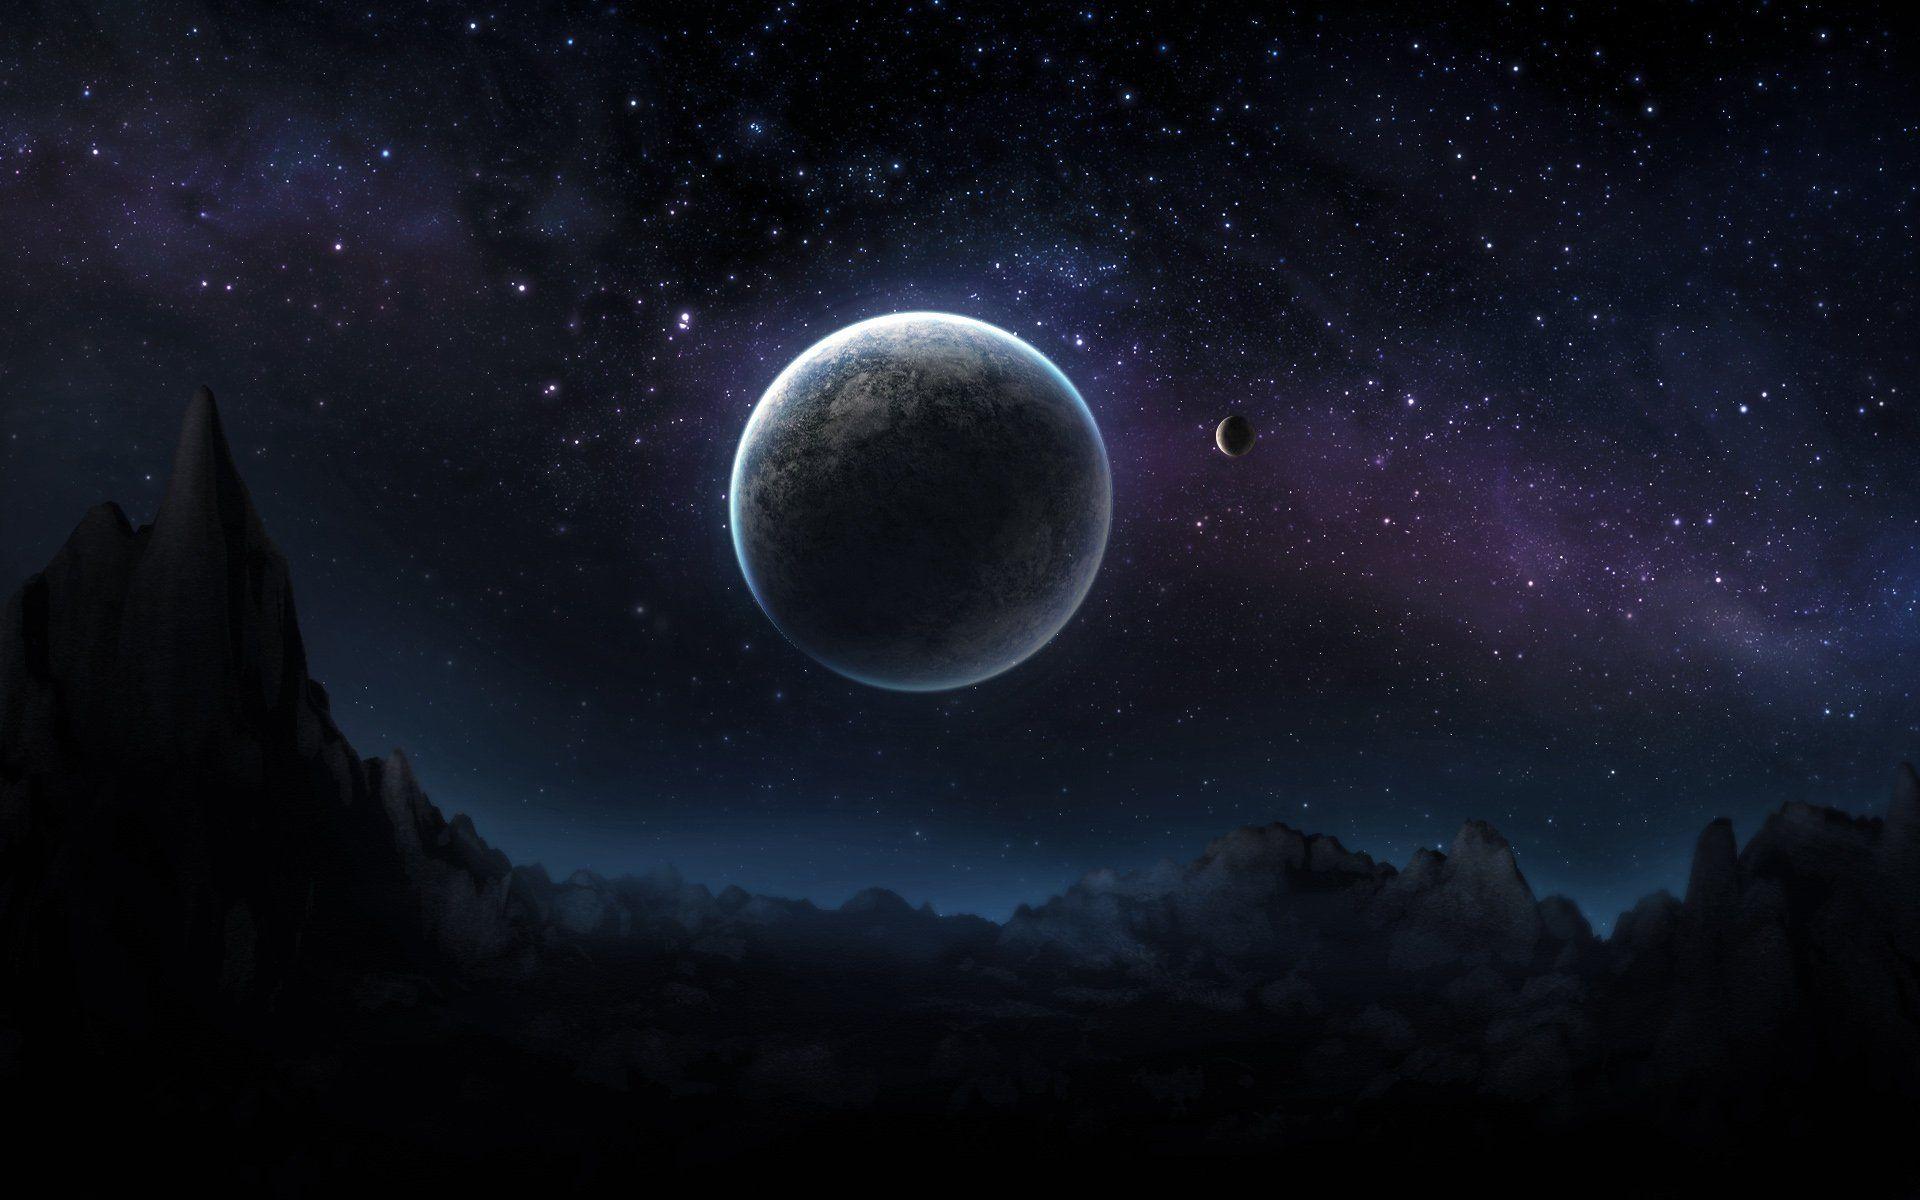 Dark Space Hd Desktop Wallpaper Widescreen High Definition